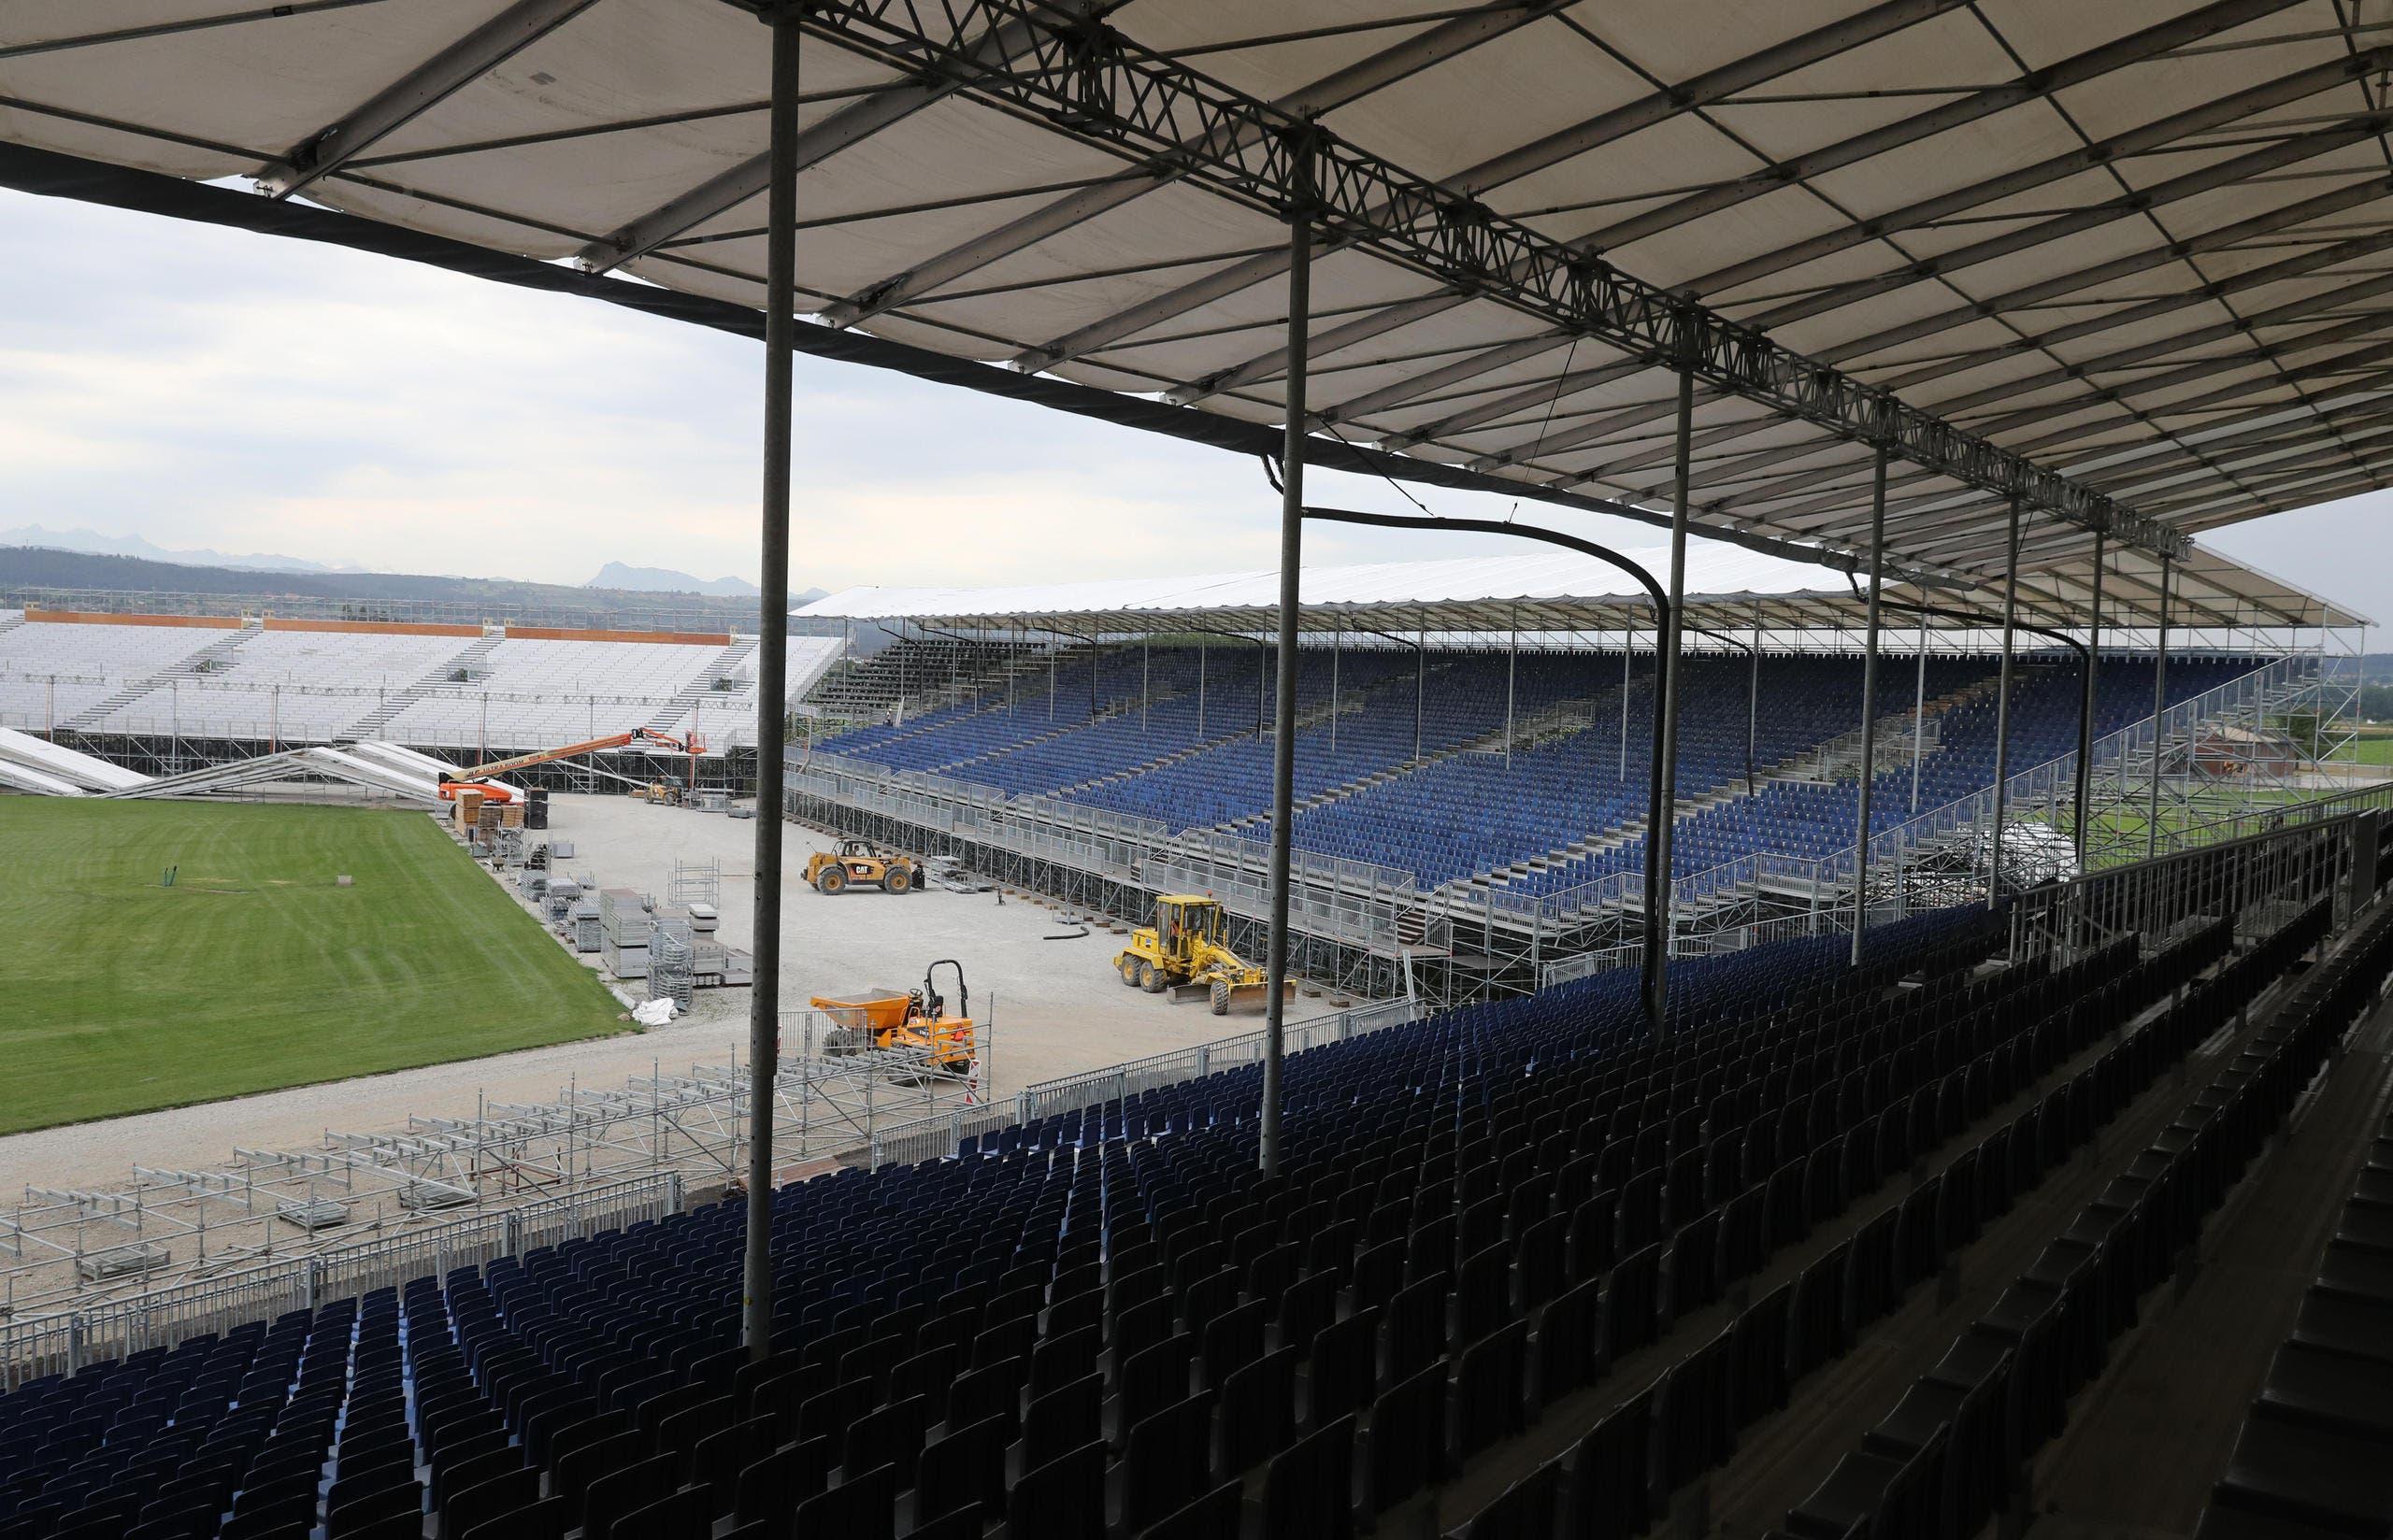 Impression von der grössten Stadion-Baustelle der Schweiz auf dem Militärflugplatz Payerne, wo die rekordgrosse Arena sowie die Festbauten aufgebaut werden. (Bild: Swiss Image / Andy Mettler)